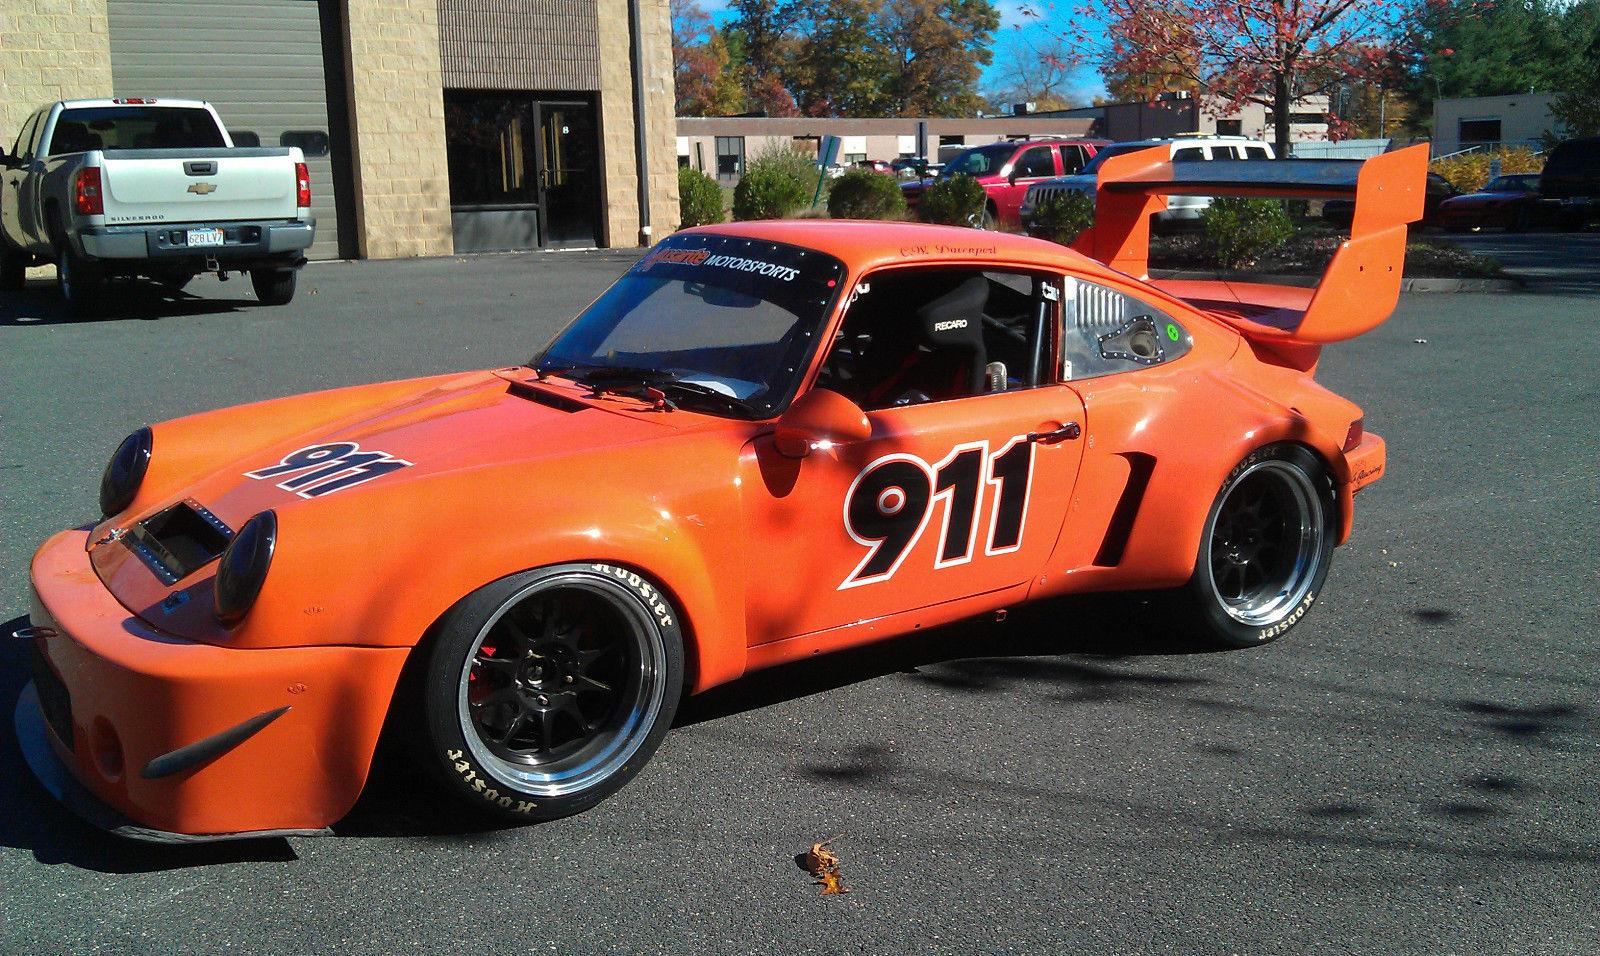 Classic Porsche Race Cars For Sale